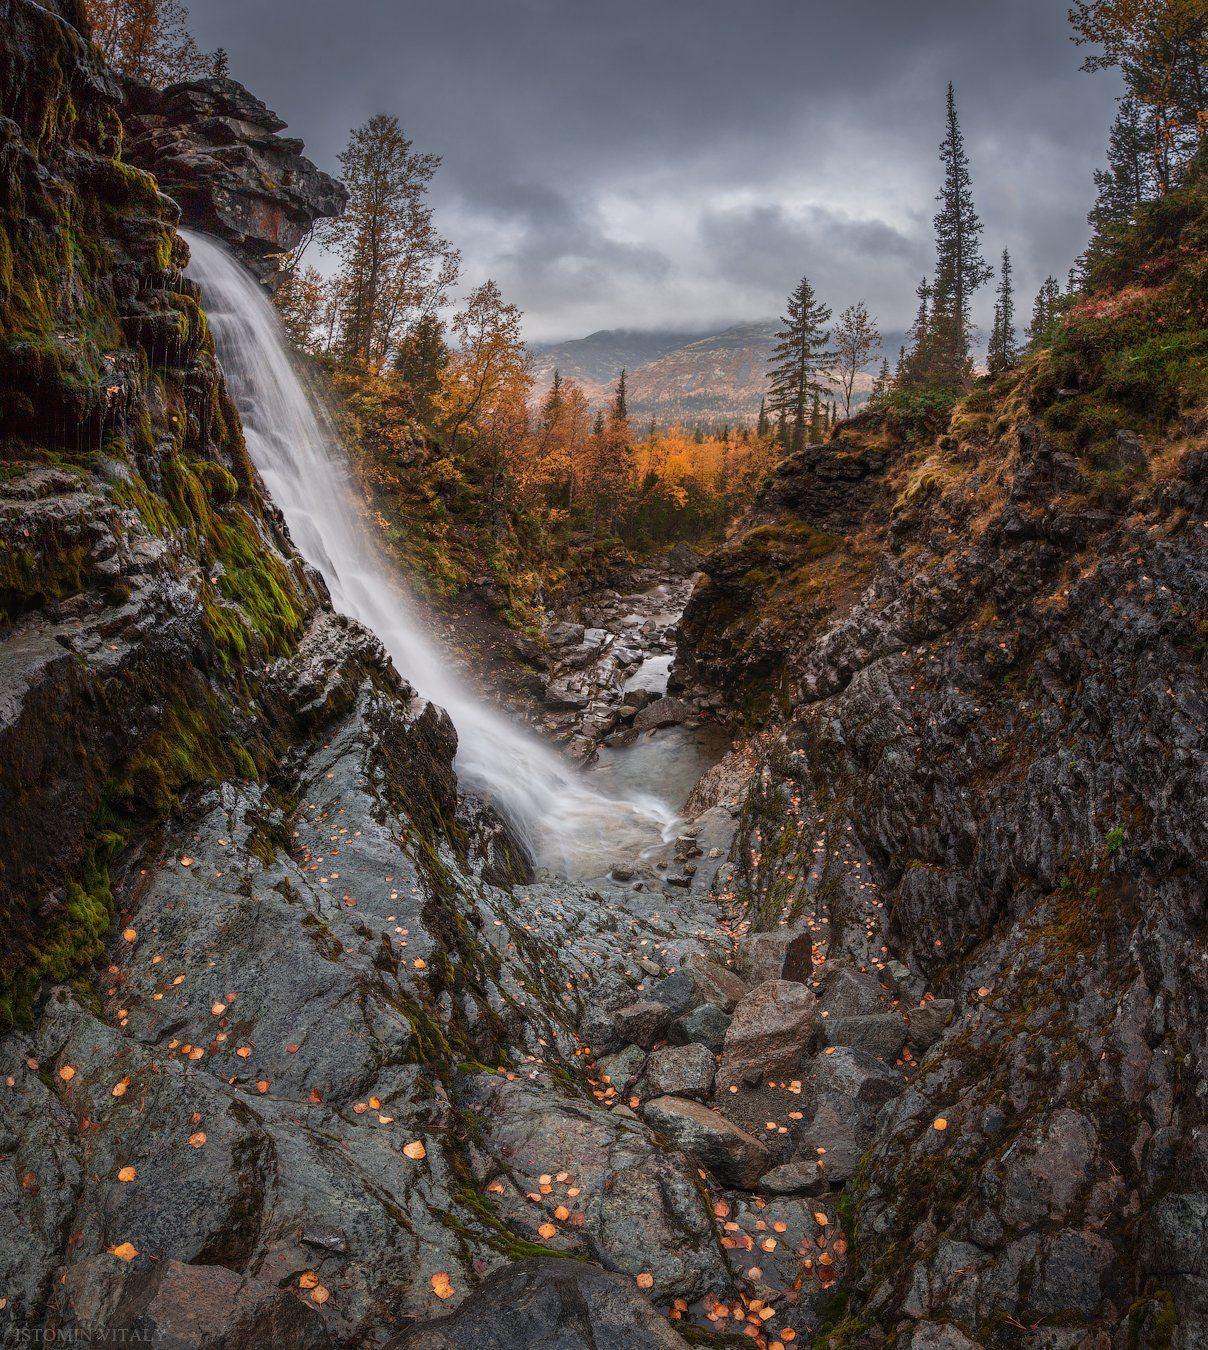 пейзаж,россия,хибины,вода,осень,лес,горы,цвет,свет,панорама, Истомин Виталий